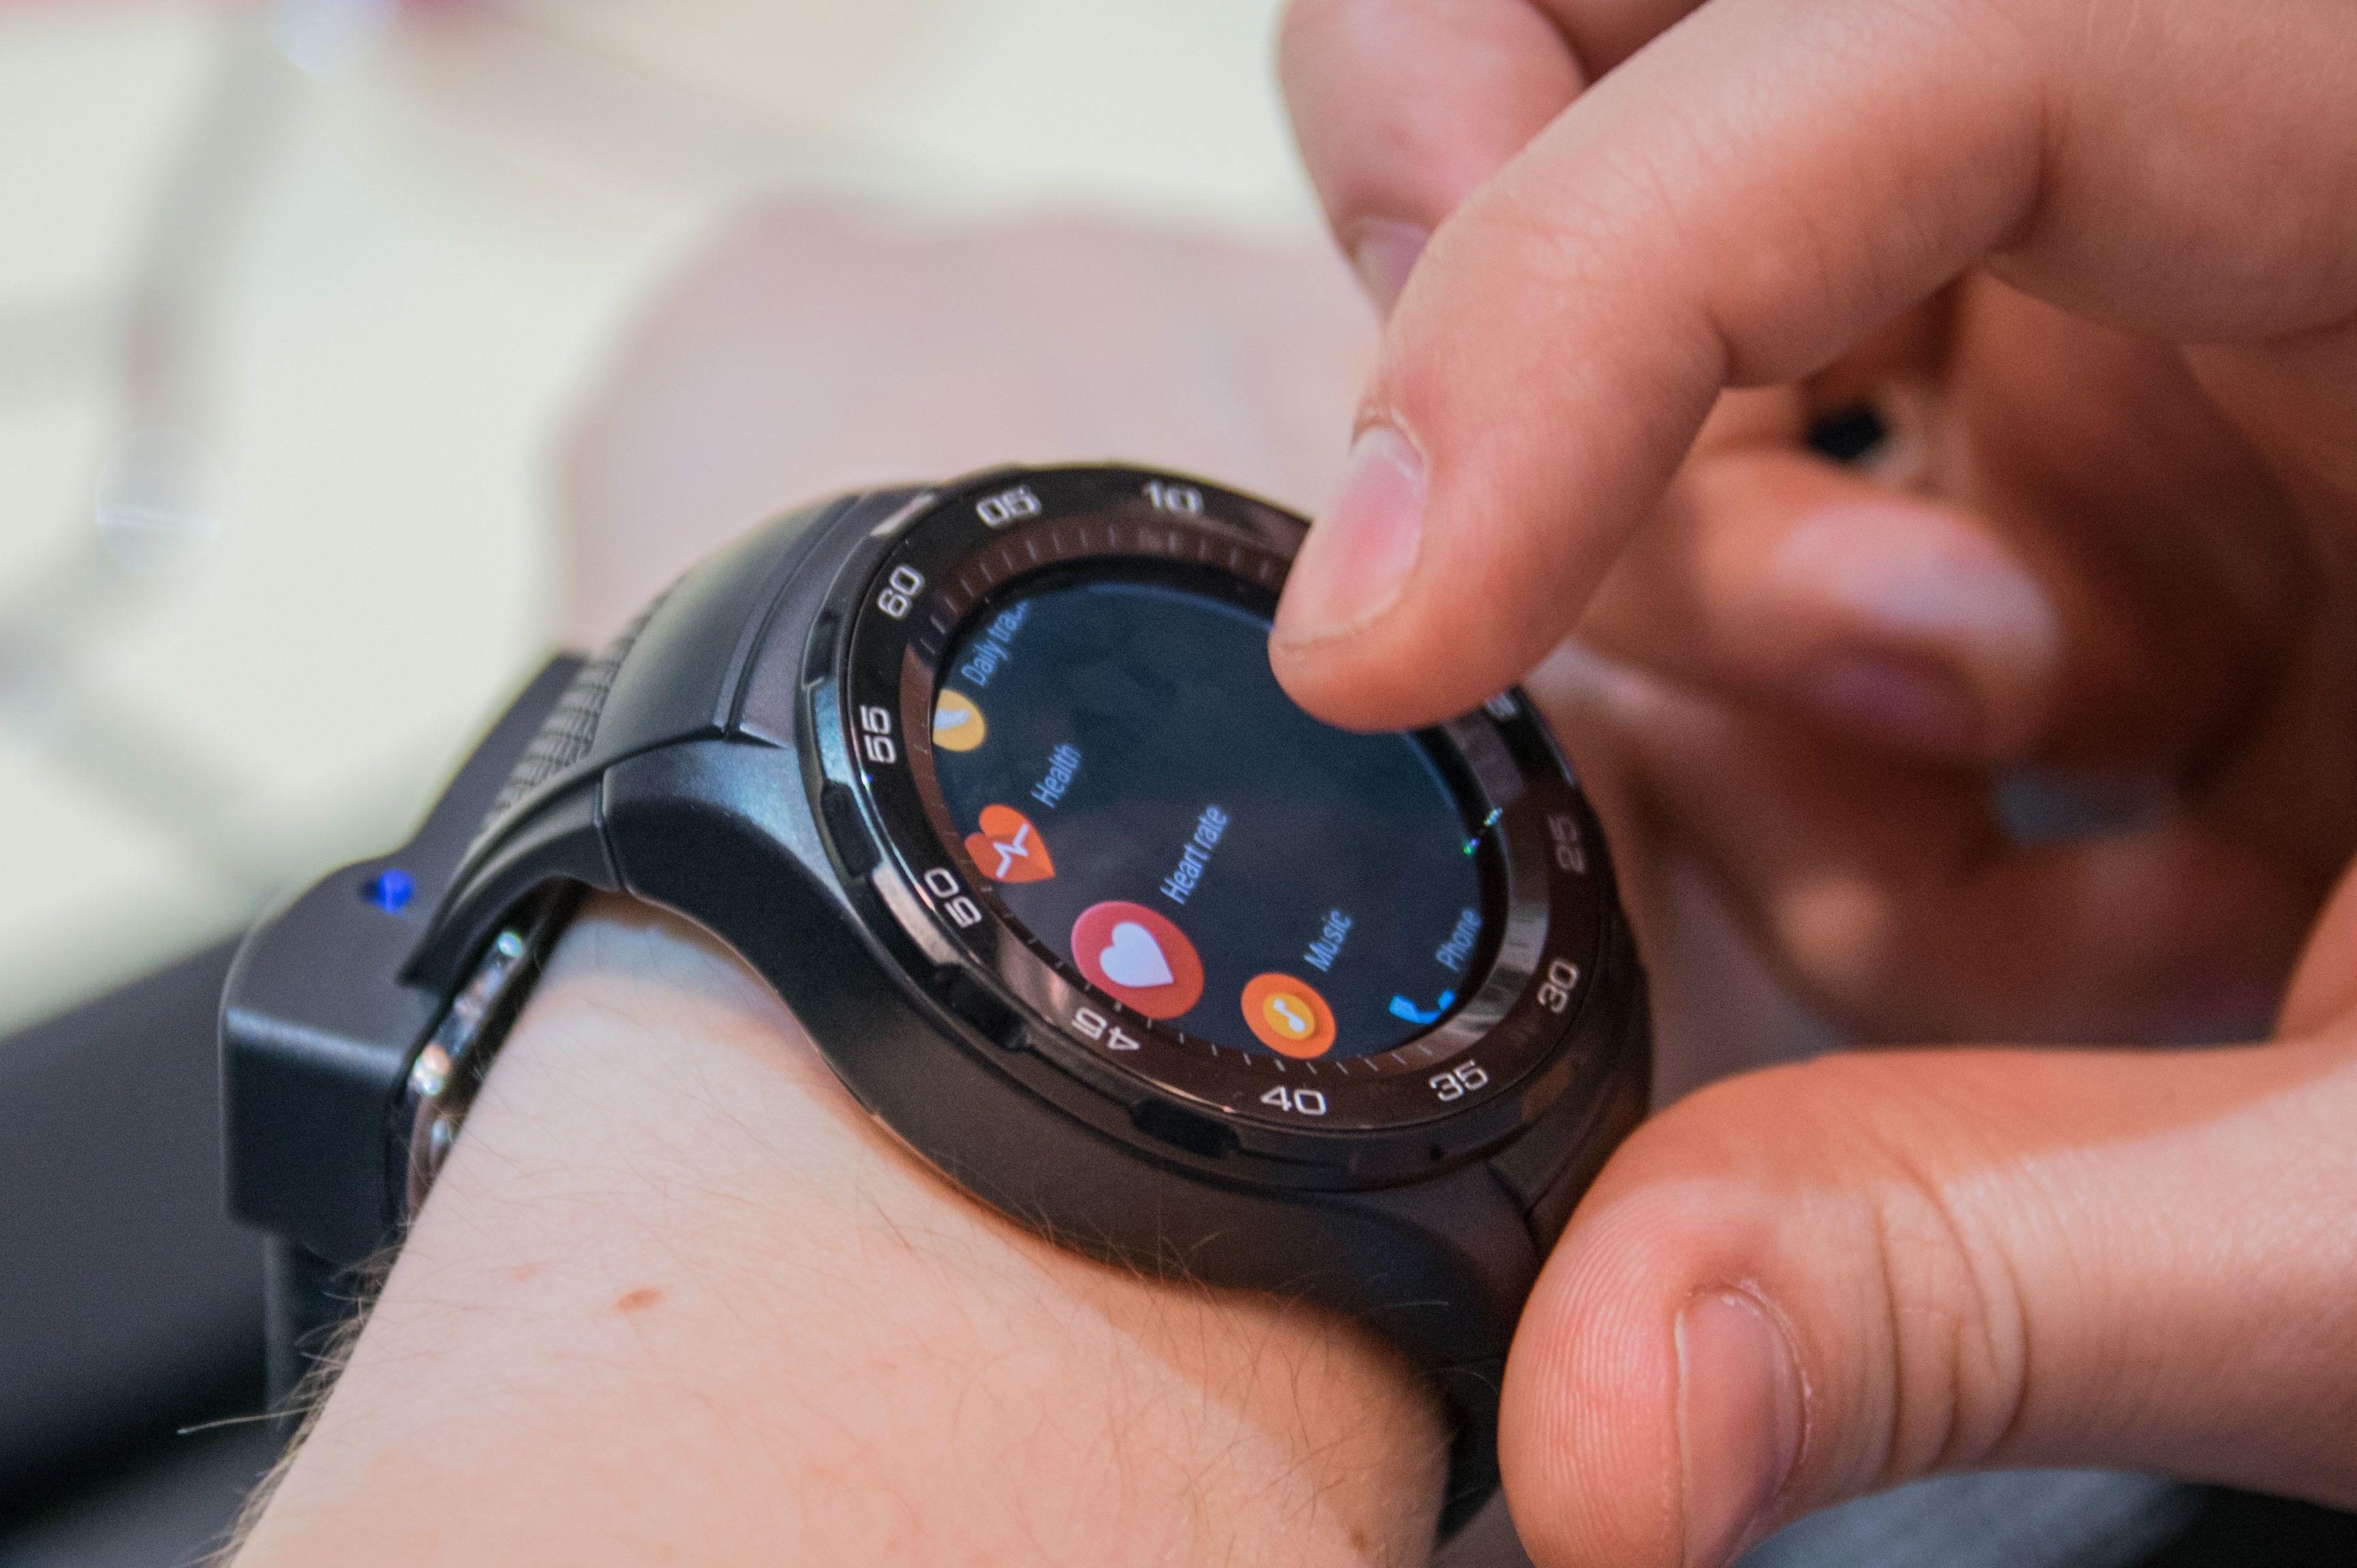 Med Android Wear 2 har Android-klokker endelig fått en egen app-meny og en app-butikk, direkte på klokken.